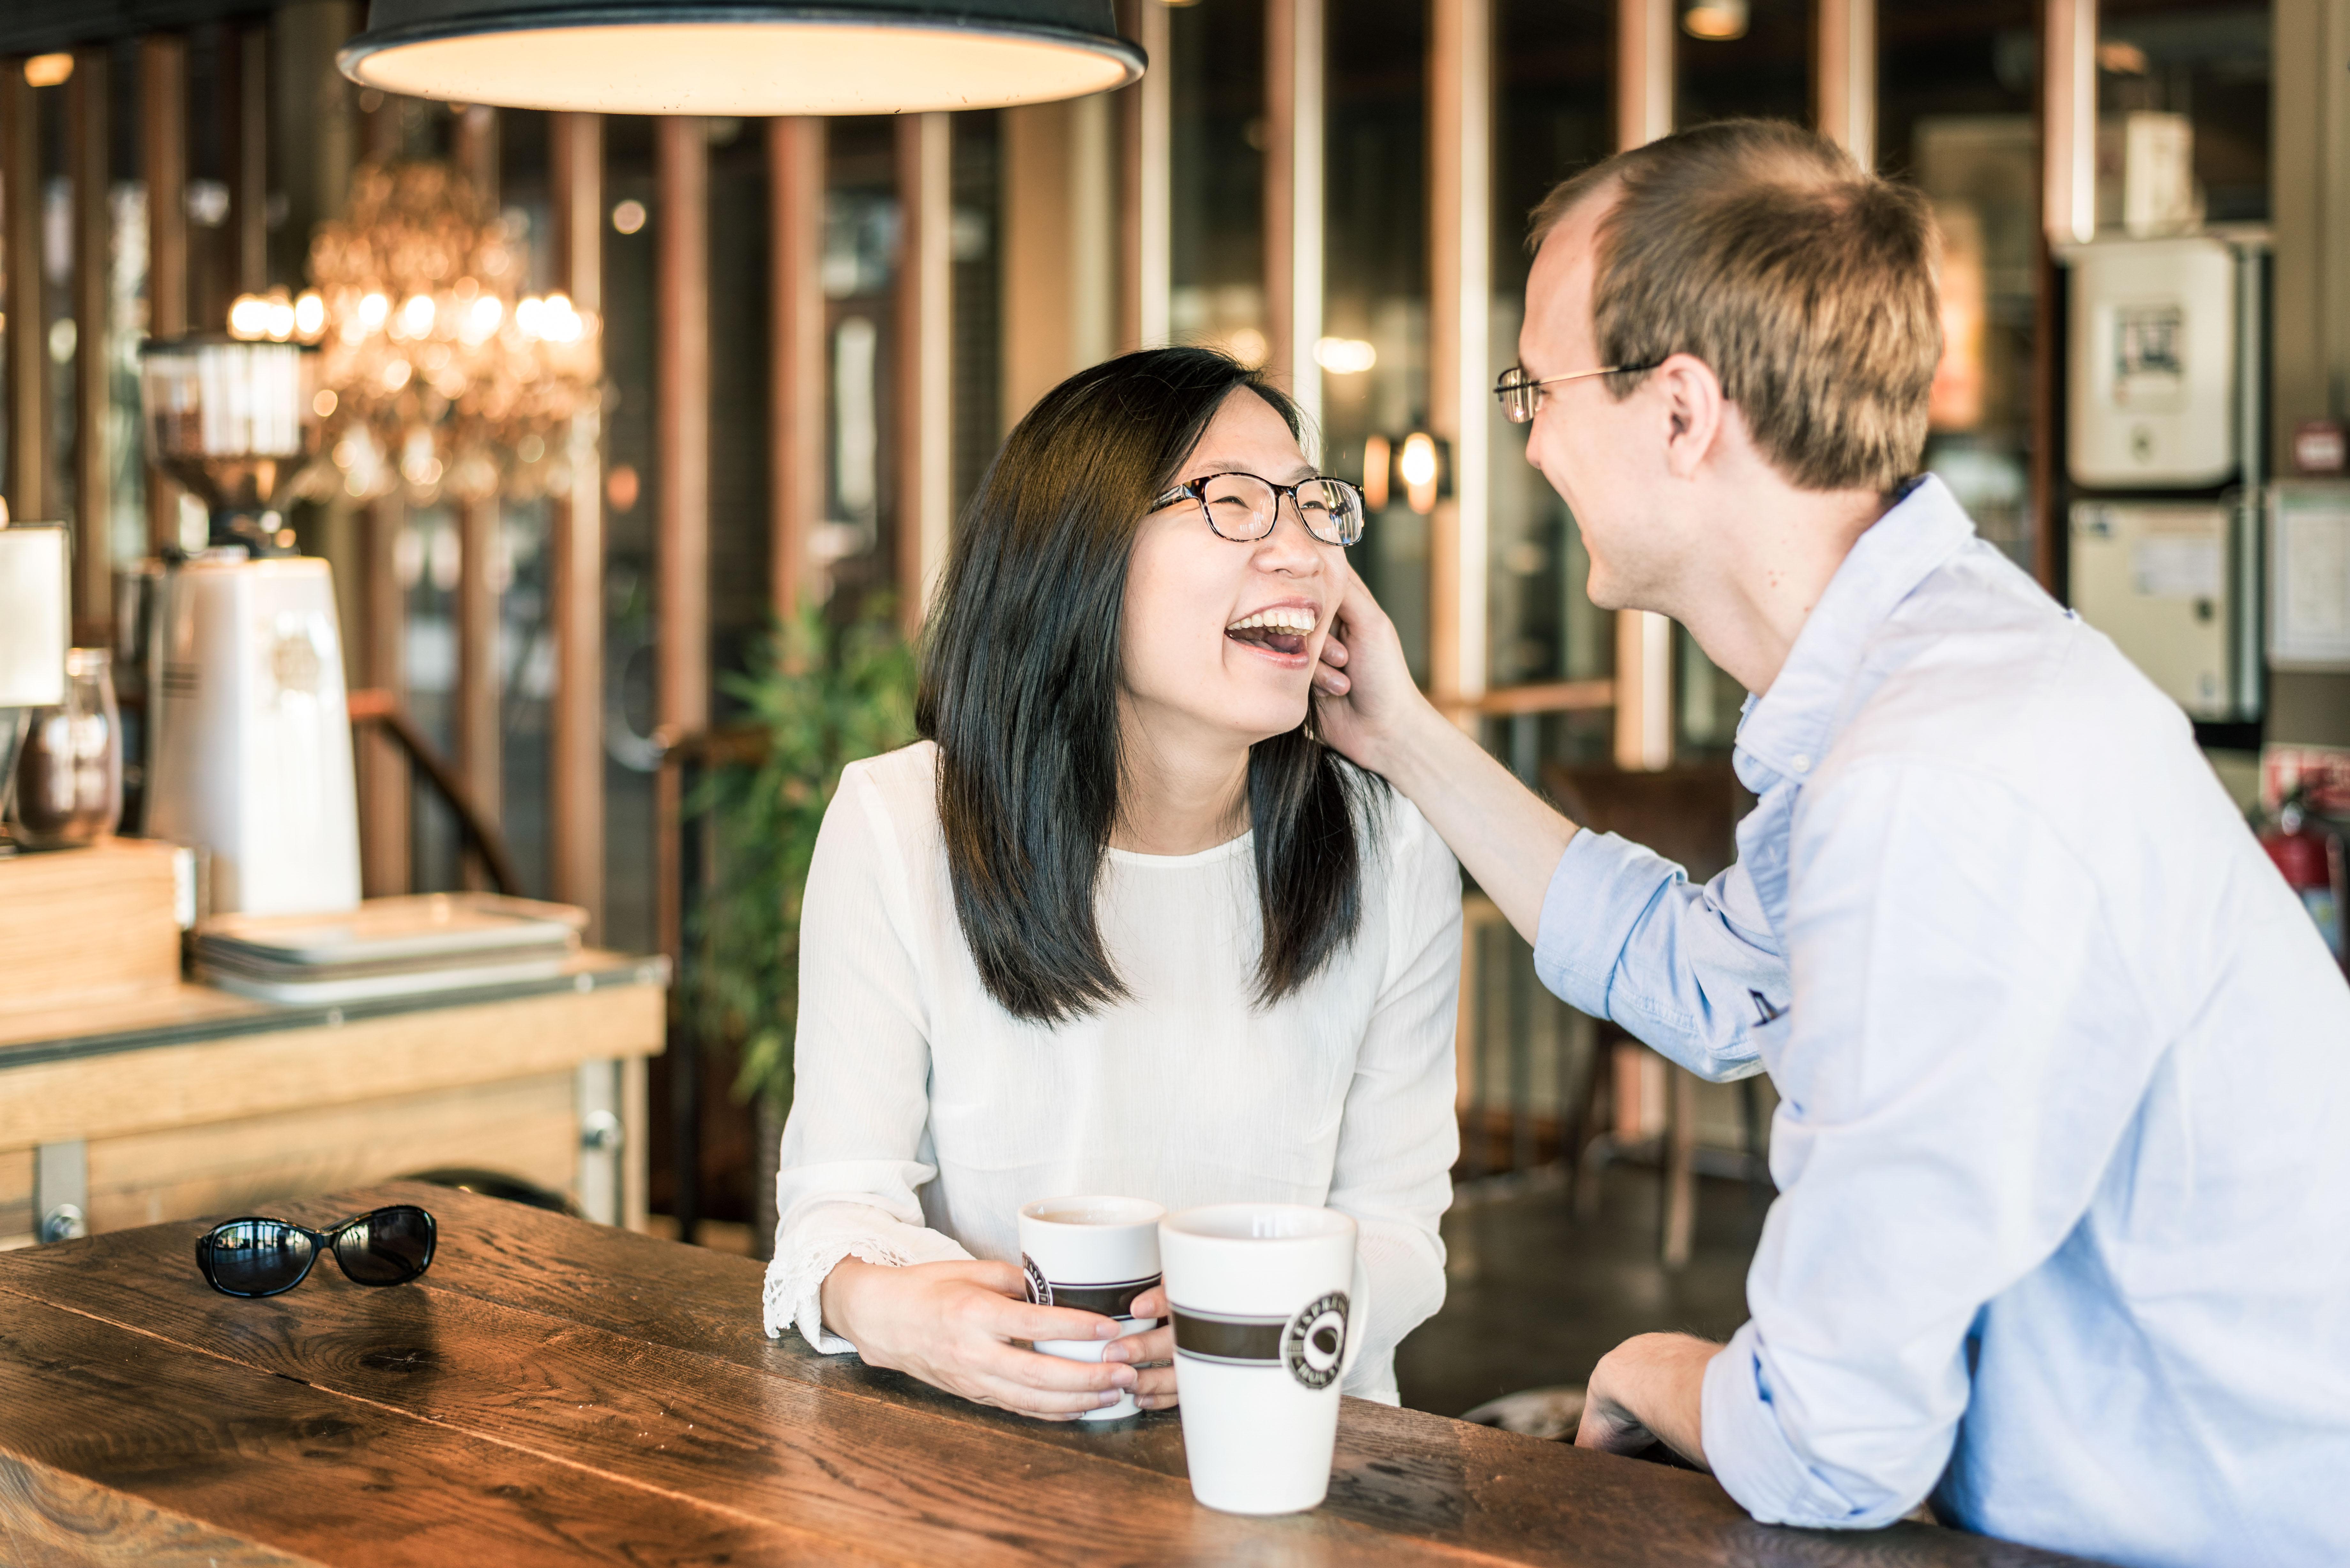 Lifestyle portrait at Café